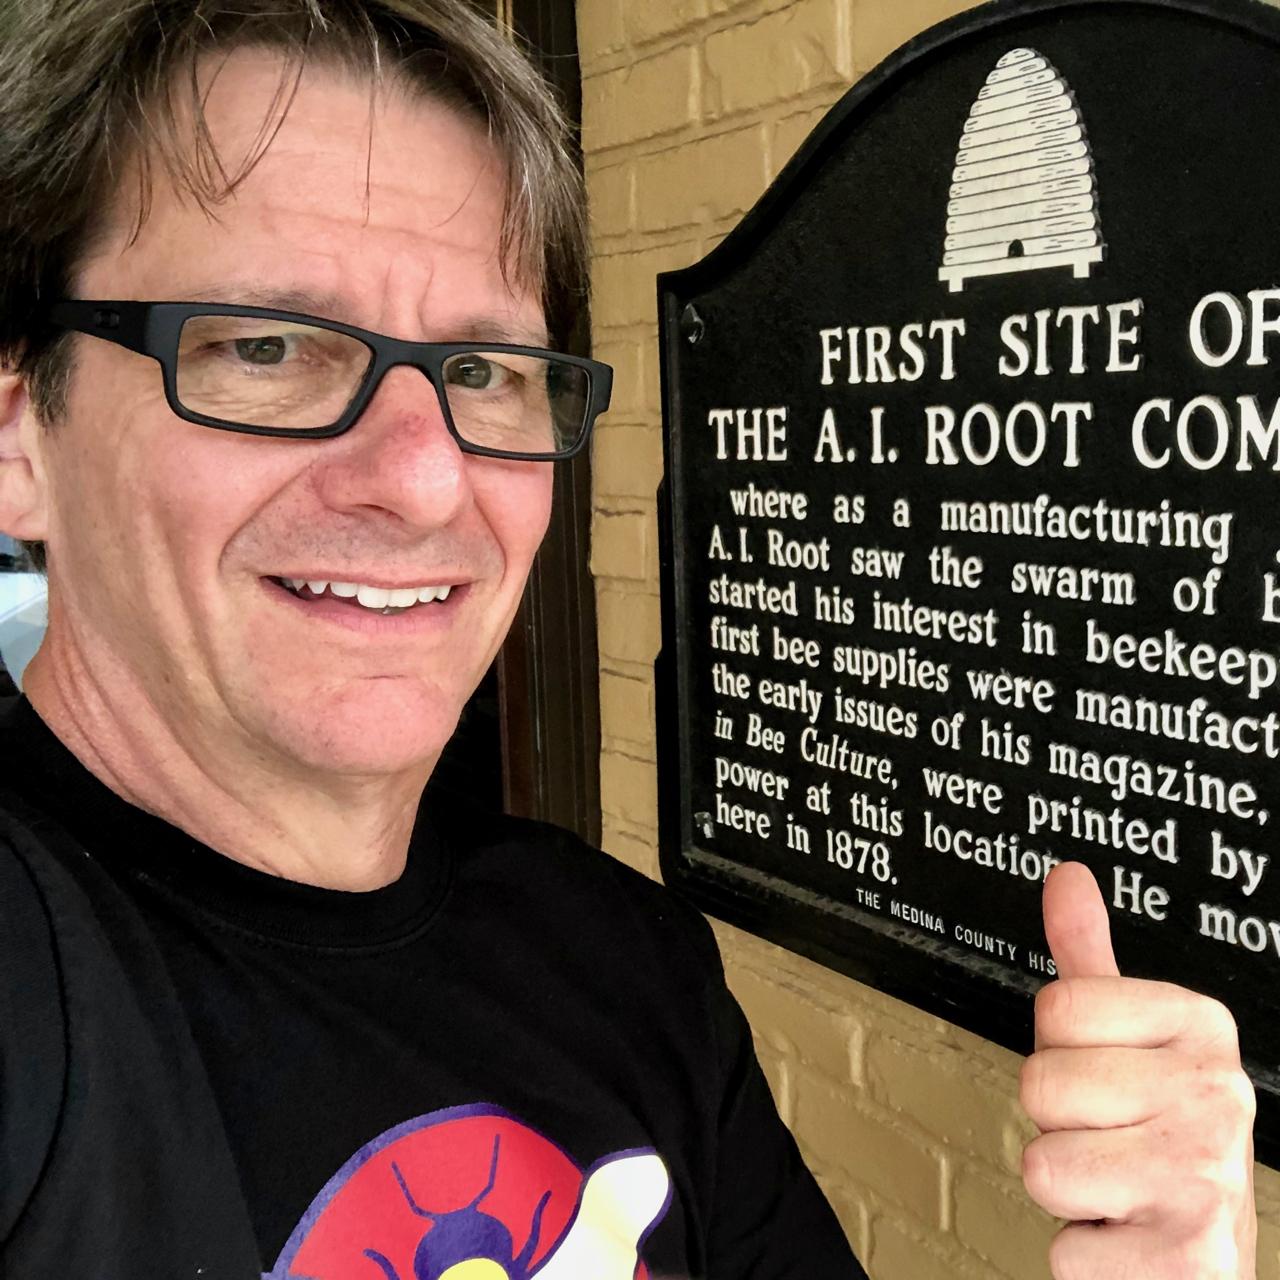 Jeff Ott